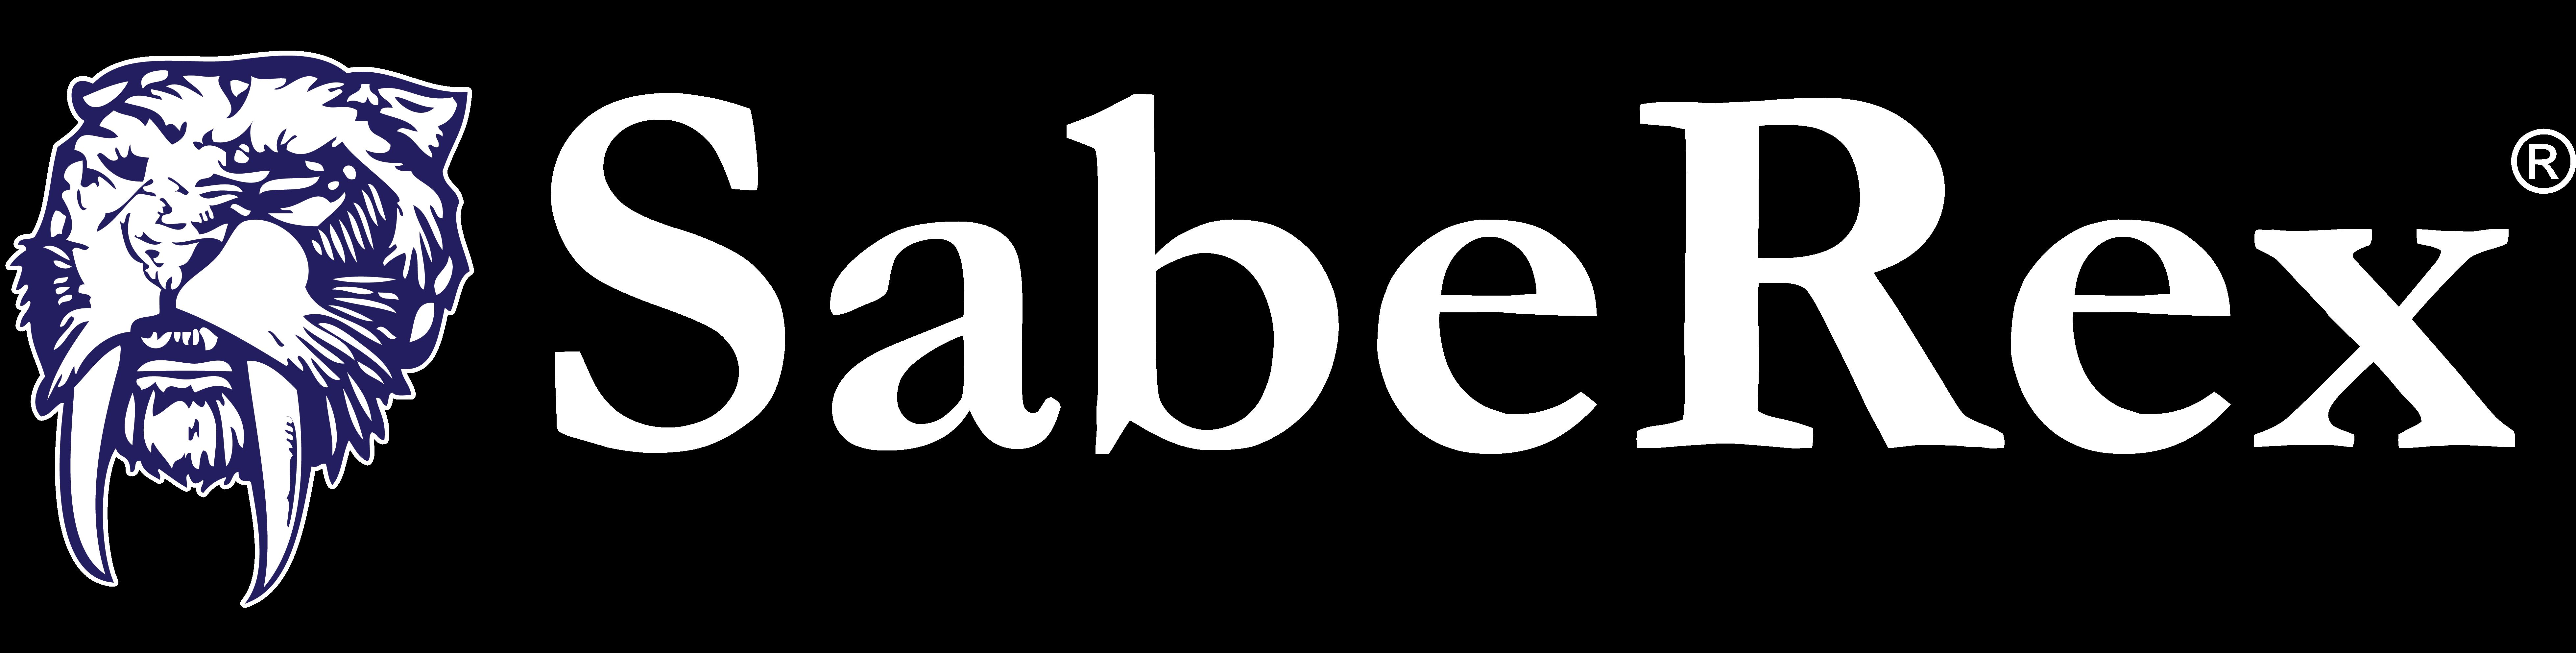 TyRex Logo: SabeRex - White